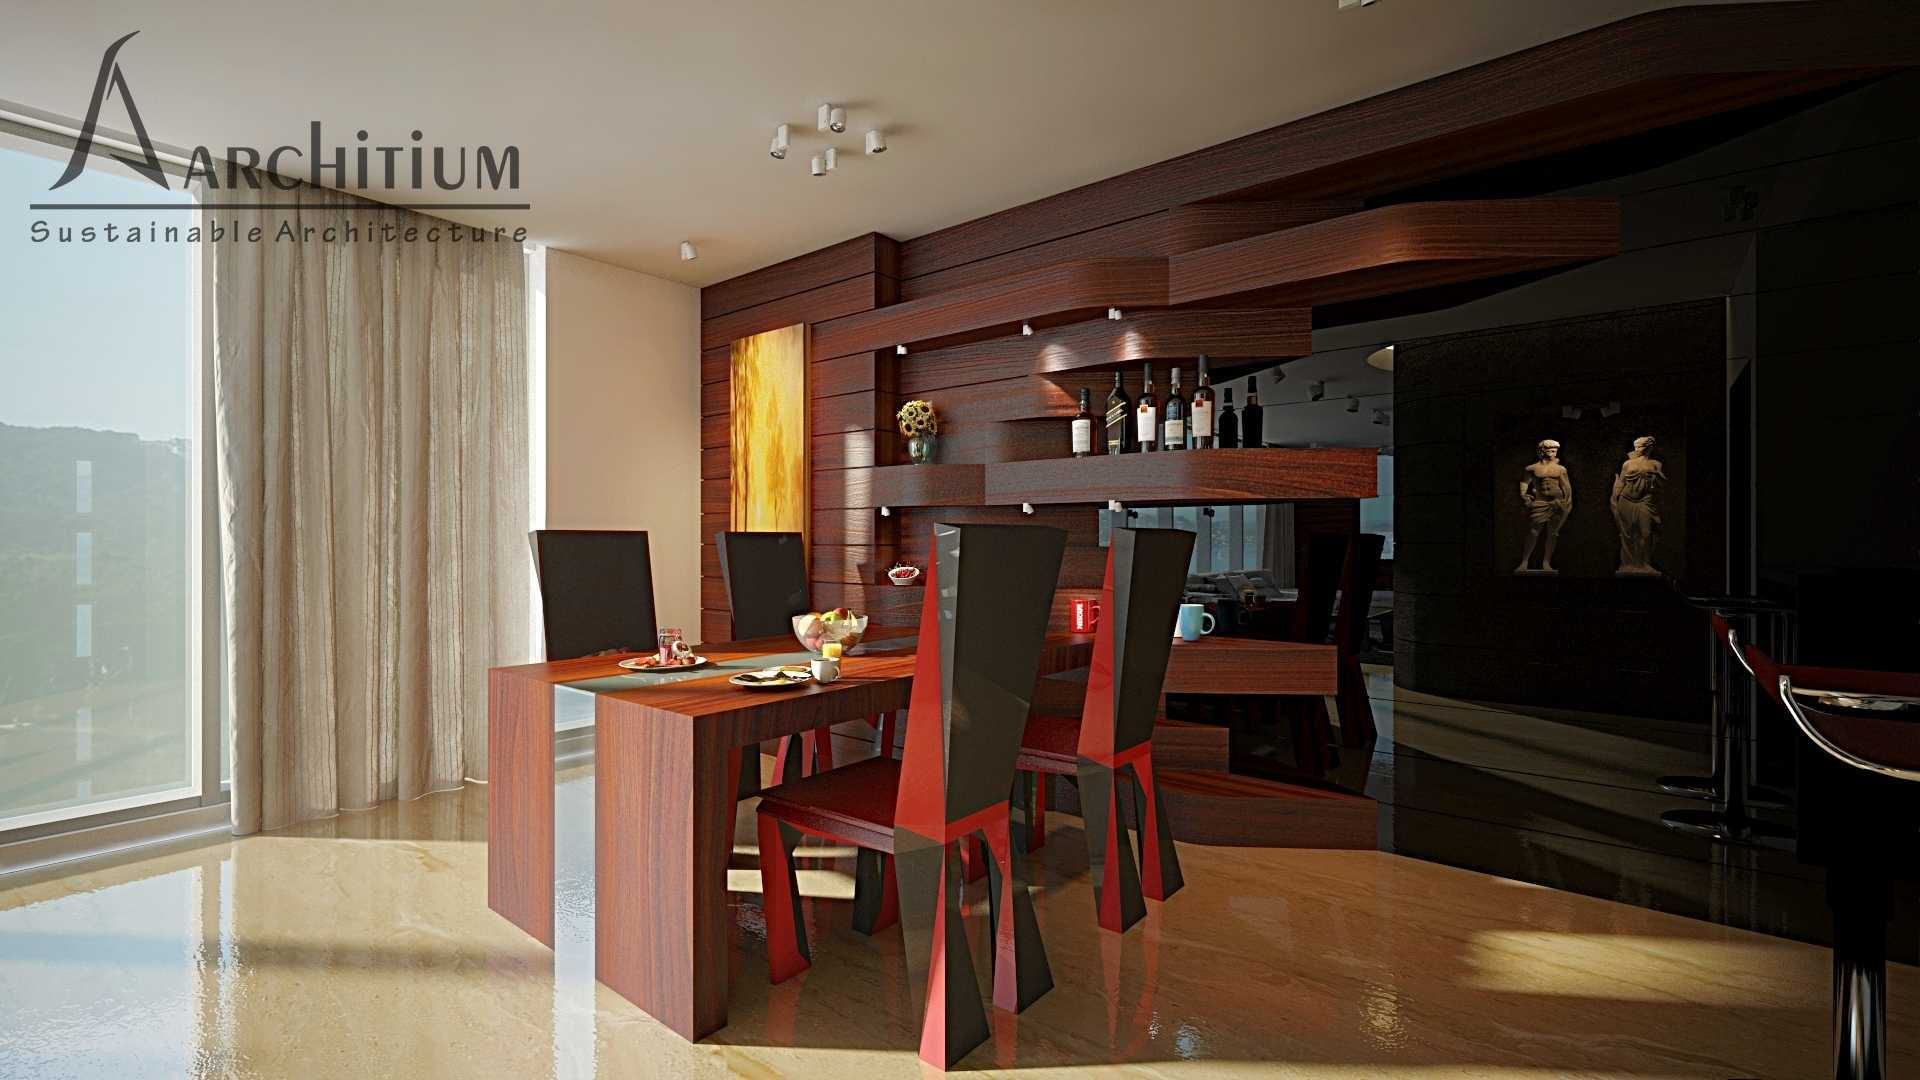 Architium Design Penthouse At Regatta Apartment Regatta Apartment, Jakarta Regatta Apartment, Jakarta Living-Dining Minimalis  27419